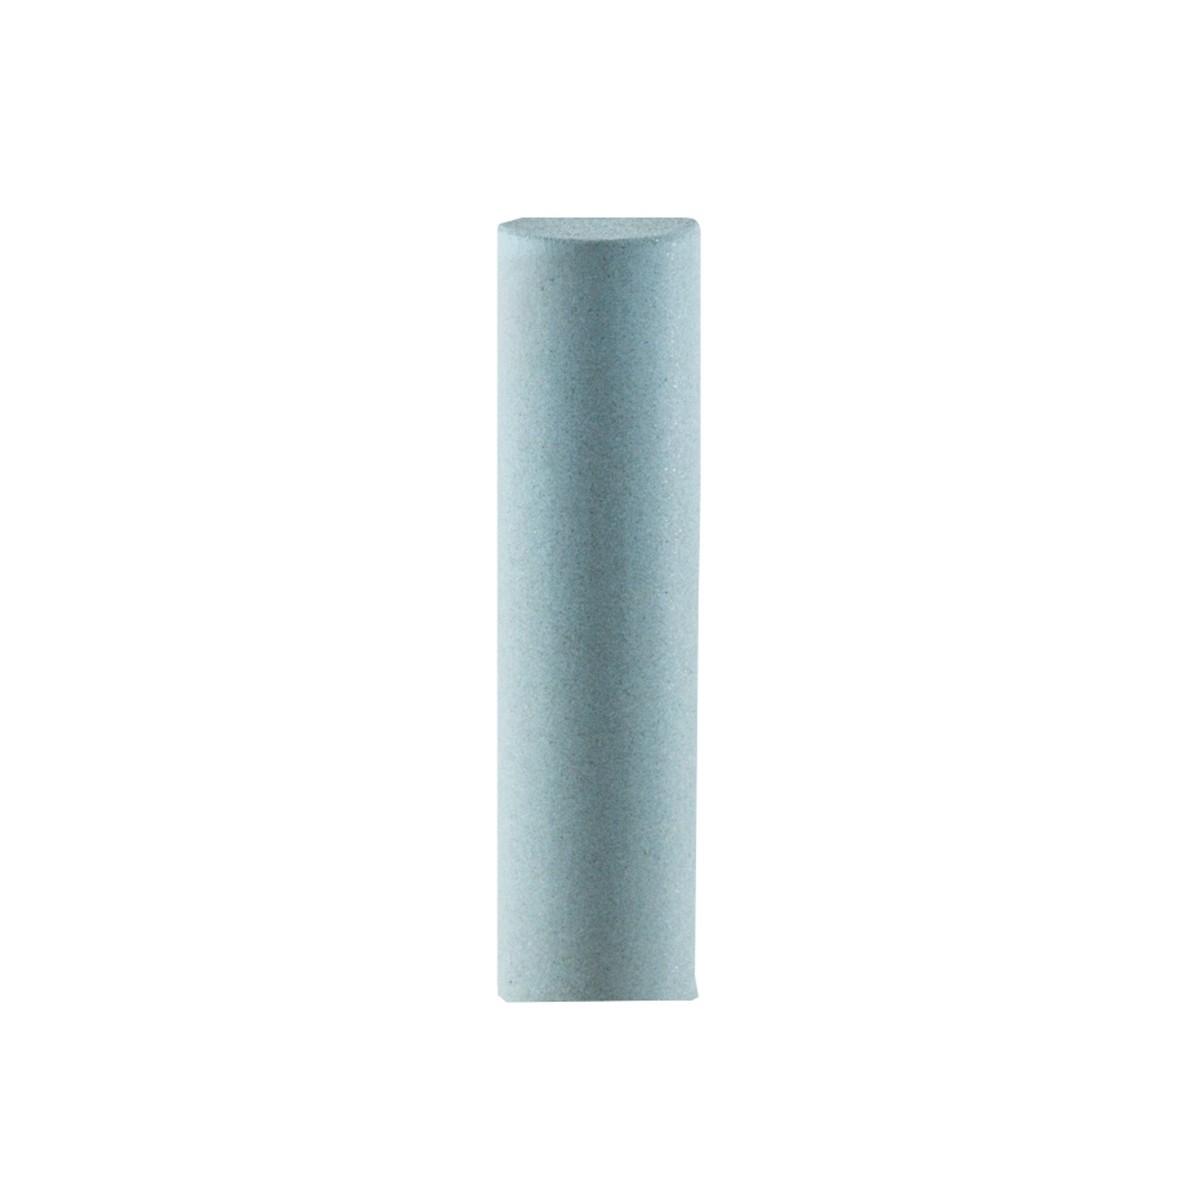 Polidor Cerâmica Exa-Cerapol American Burrs Ponta Azul Ref SH0014- 3UNID